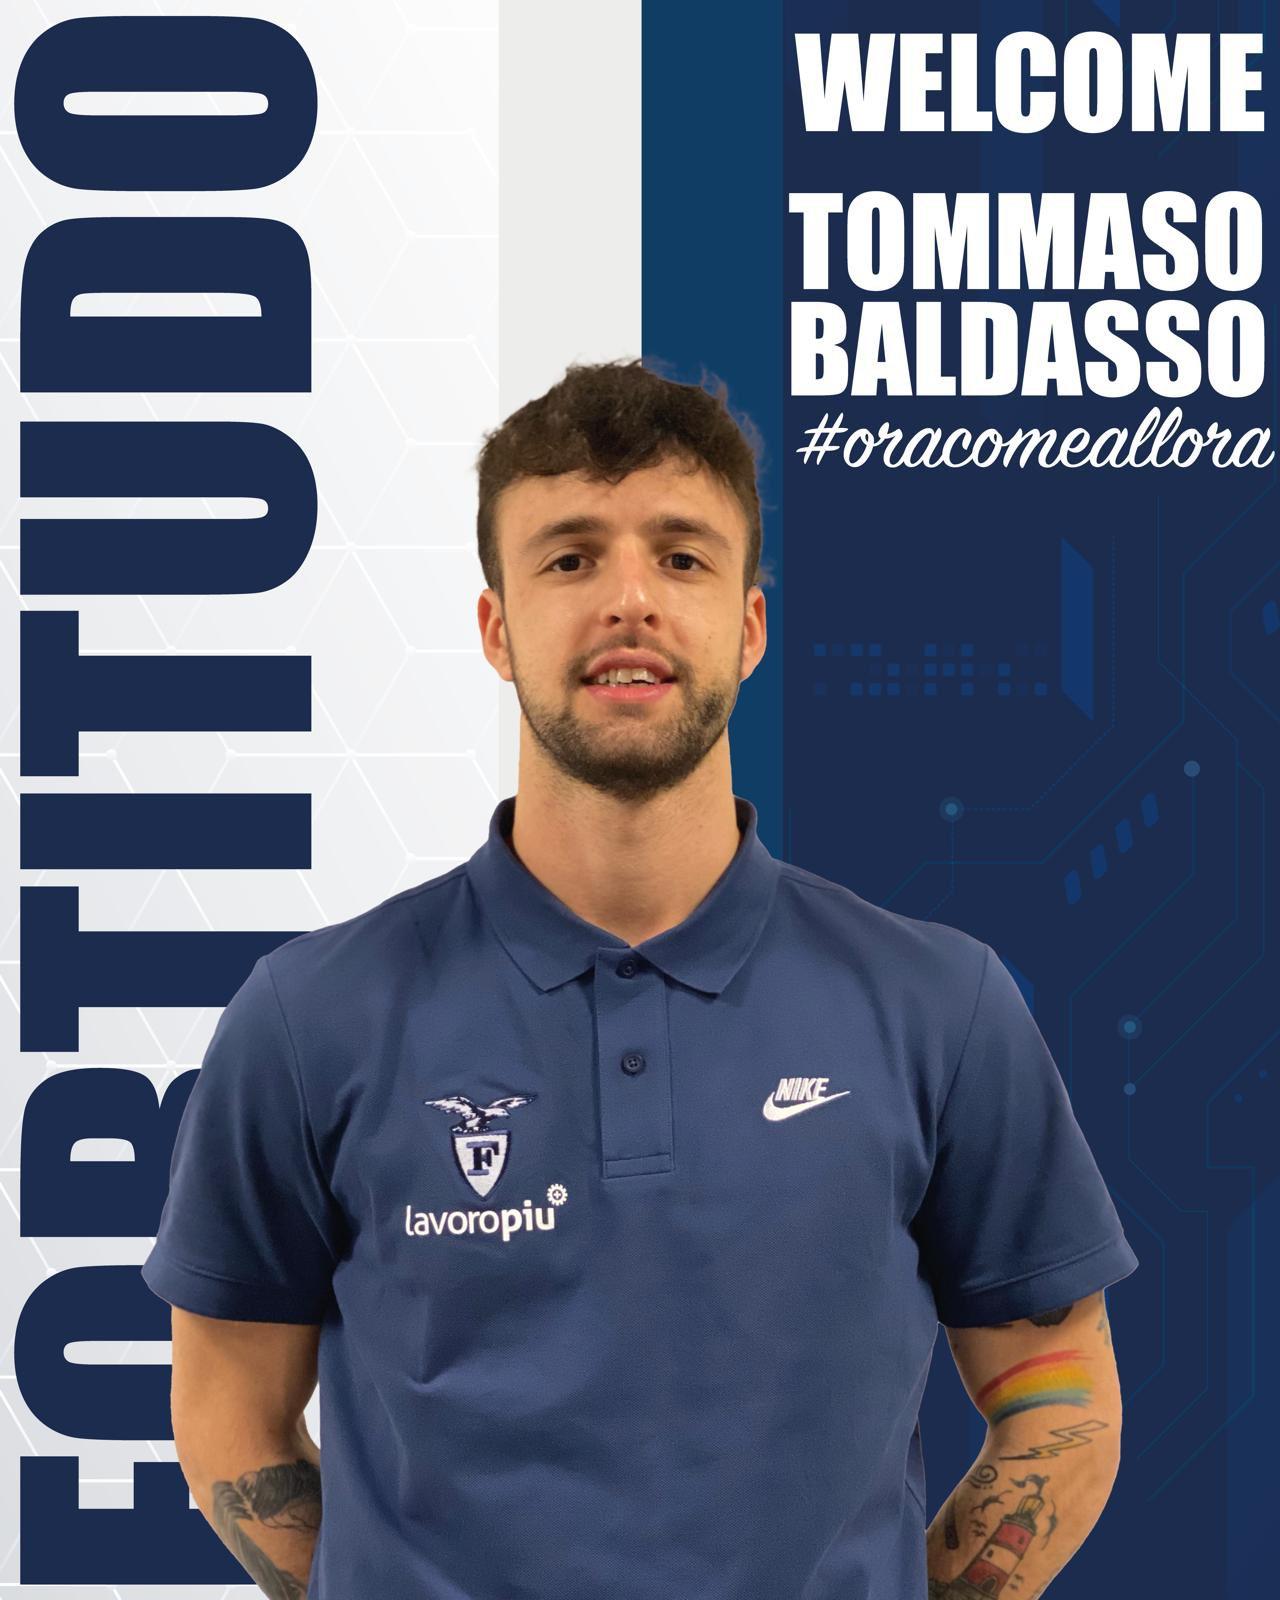 Ufficiale: Tommaso Baldasso è della Fortitudo Bologna